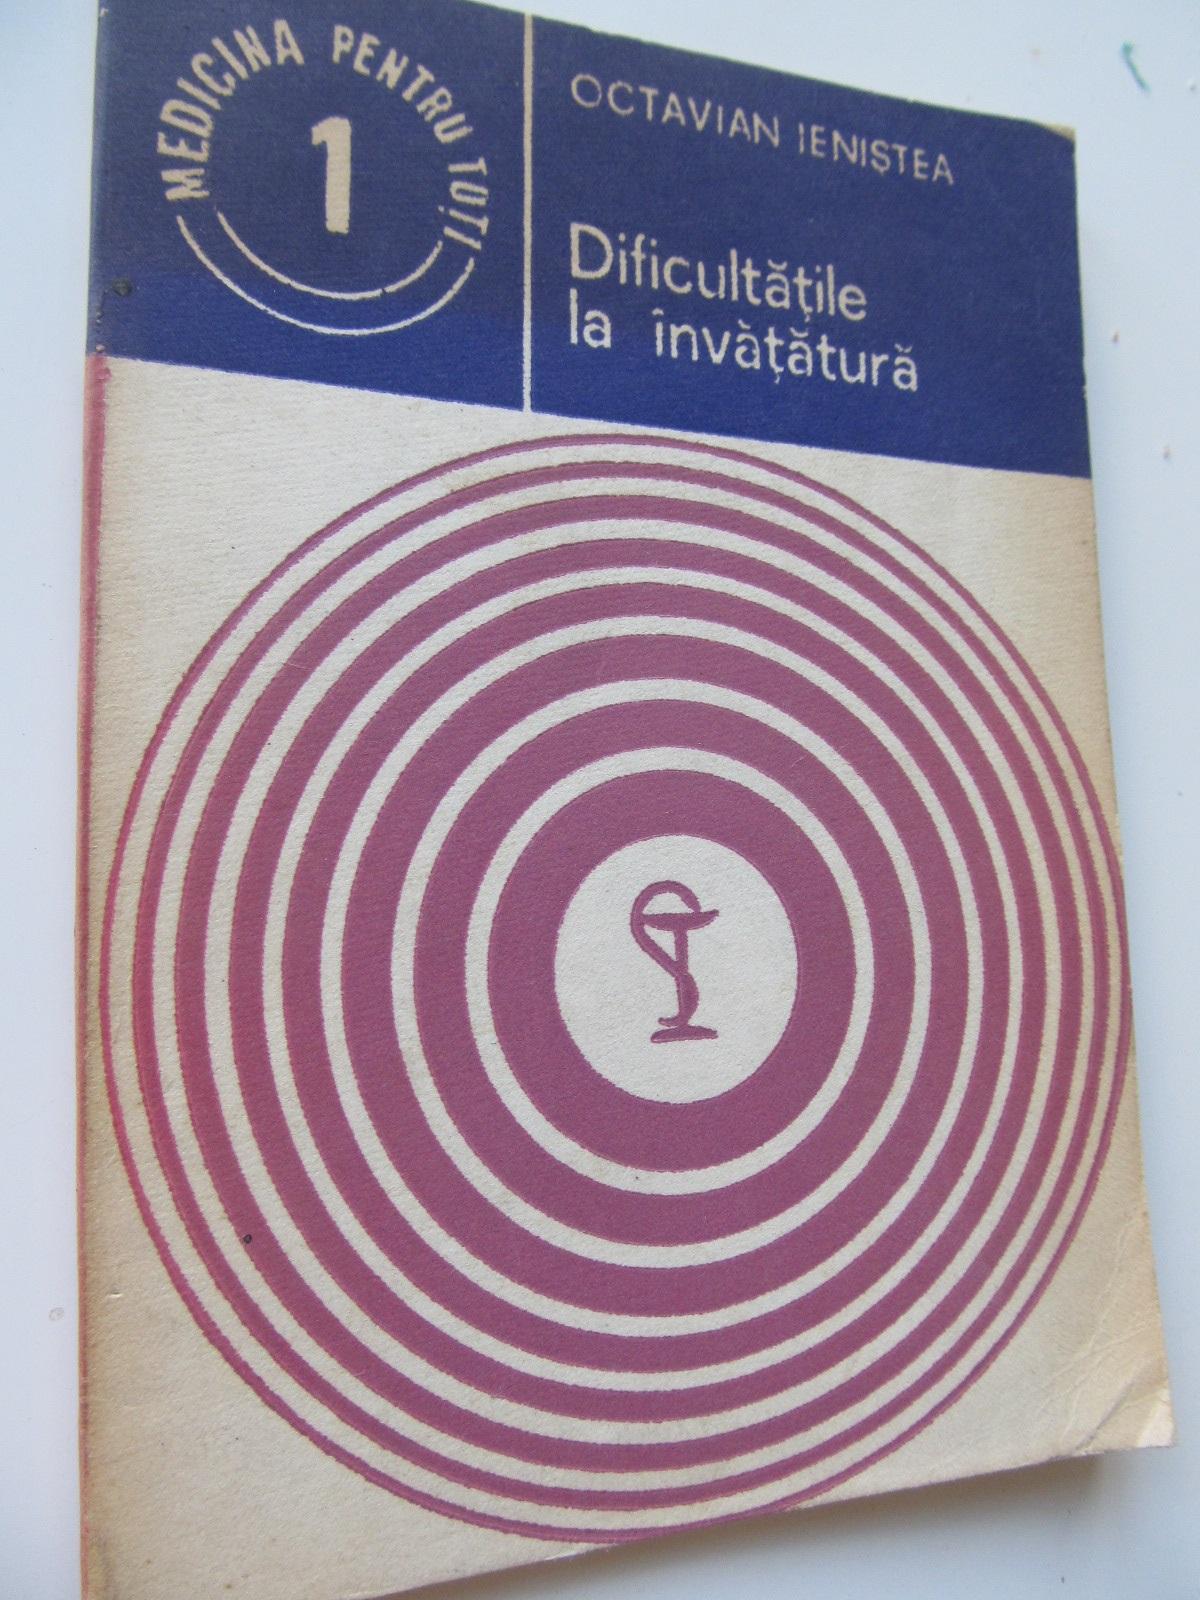 Dificultatile la invatatura - Octavian Ienistea | Detalii carte